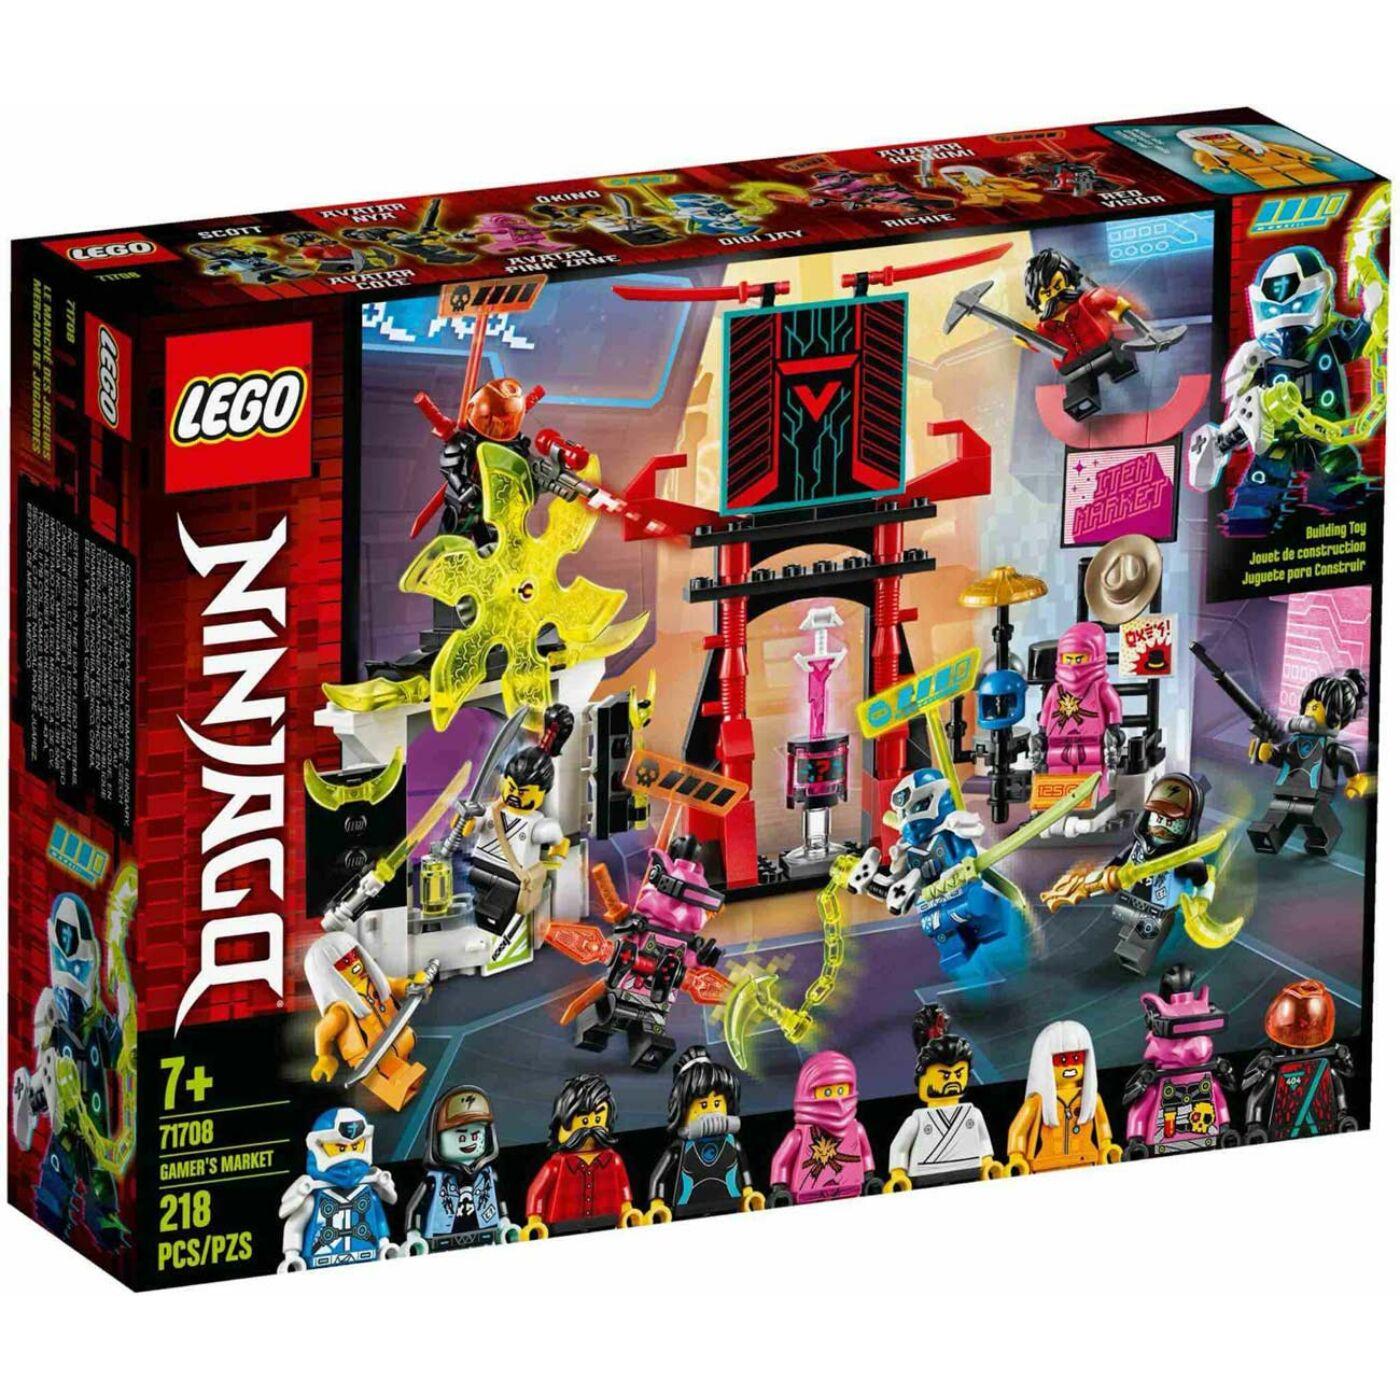 Lego Ninjago Játékosok piaca